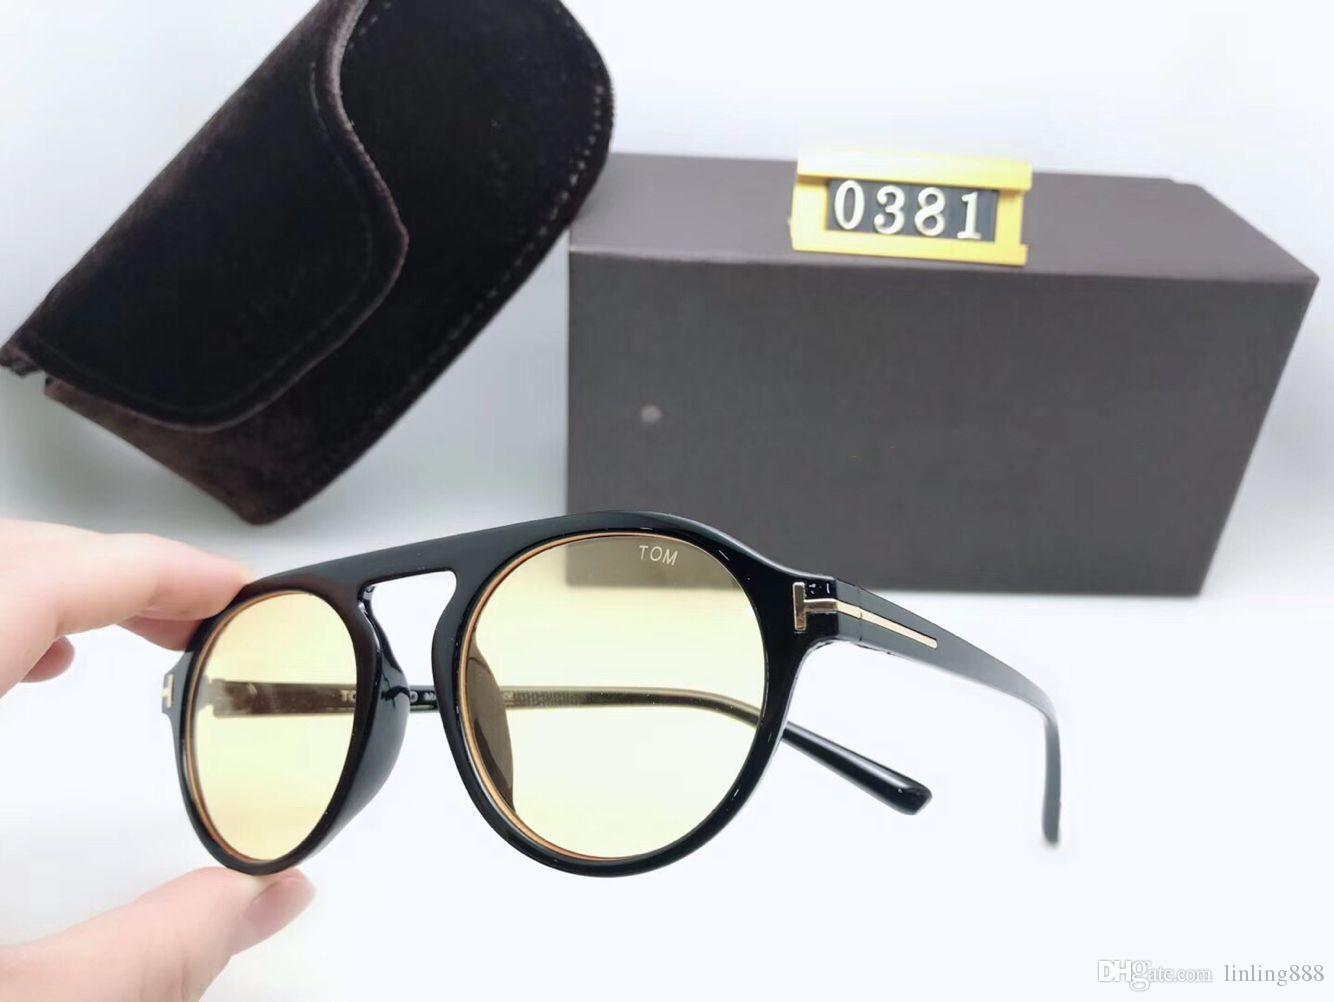 calidad superior de lujo Nueva moda mujer 0381 Tom Gafas de sol para hombre Mujer Erika Gafas Ford Diseñador Marca Gafas de sol con caja original UV400